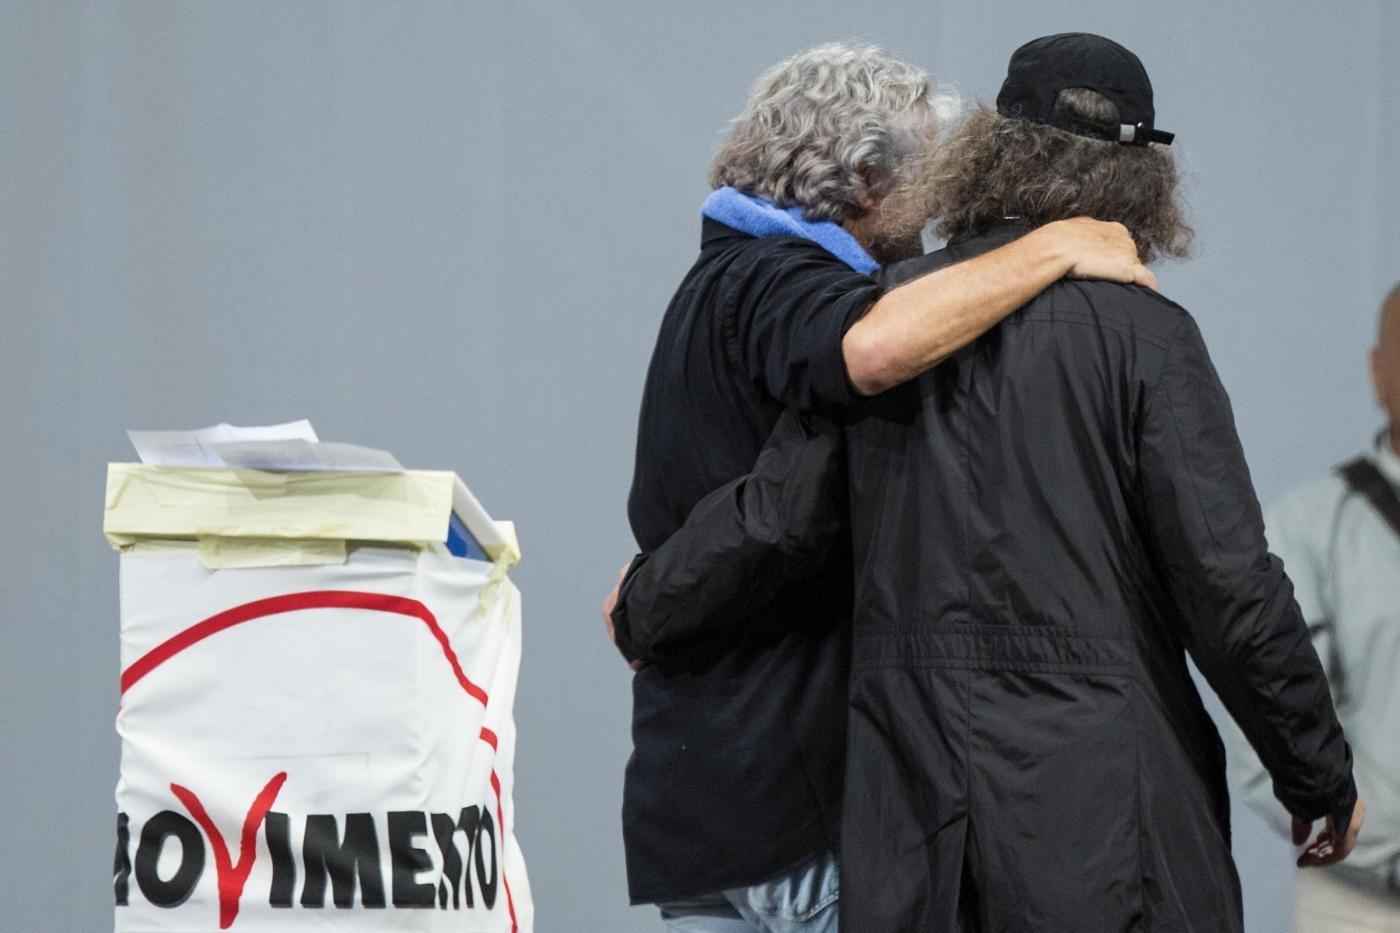 Chiusura della campagna elettorale del Movimento 5 Stelle